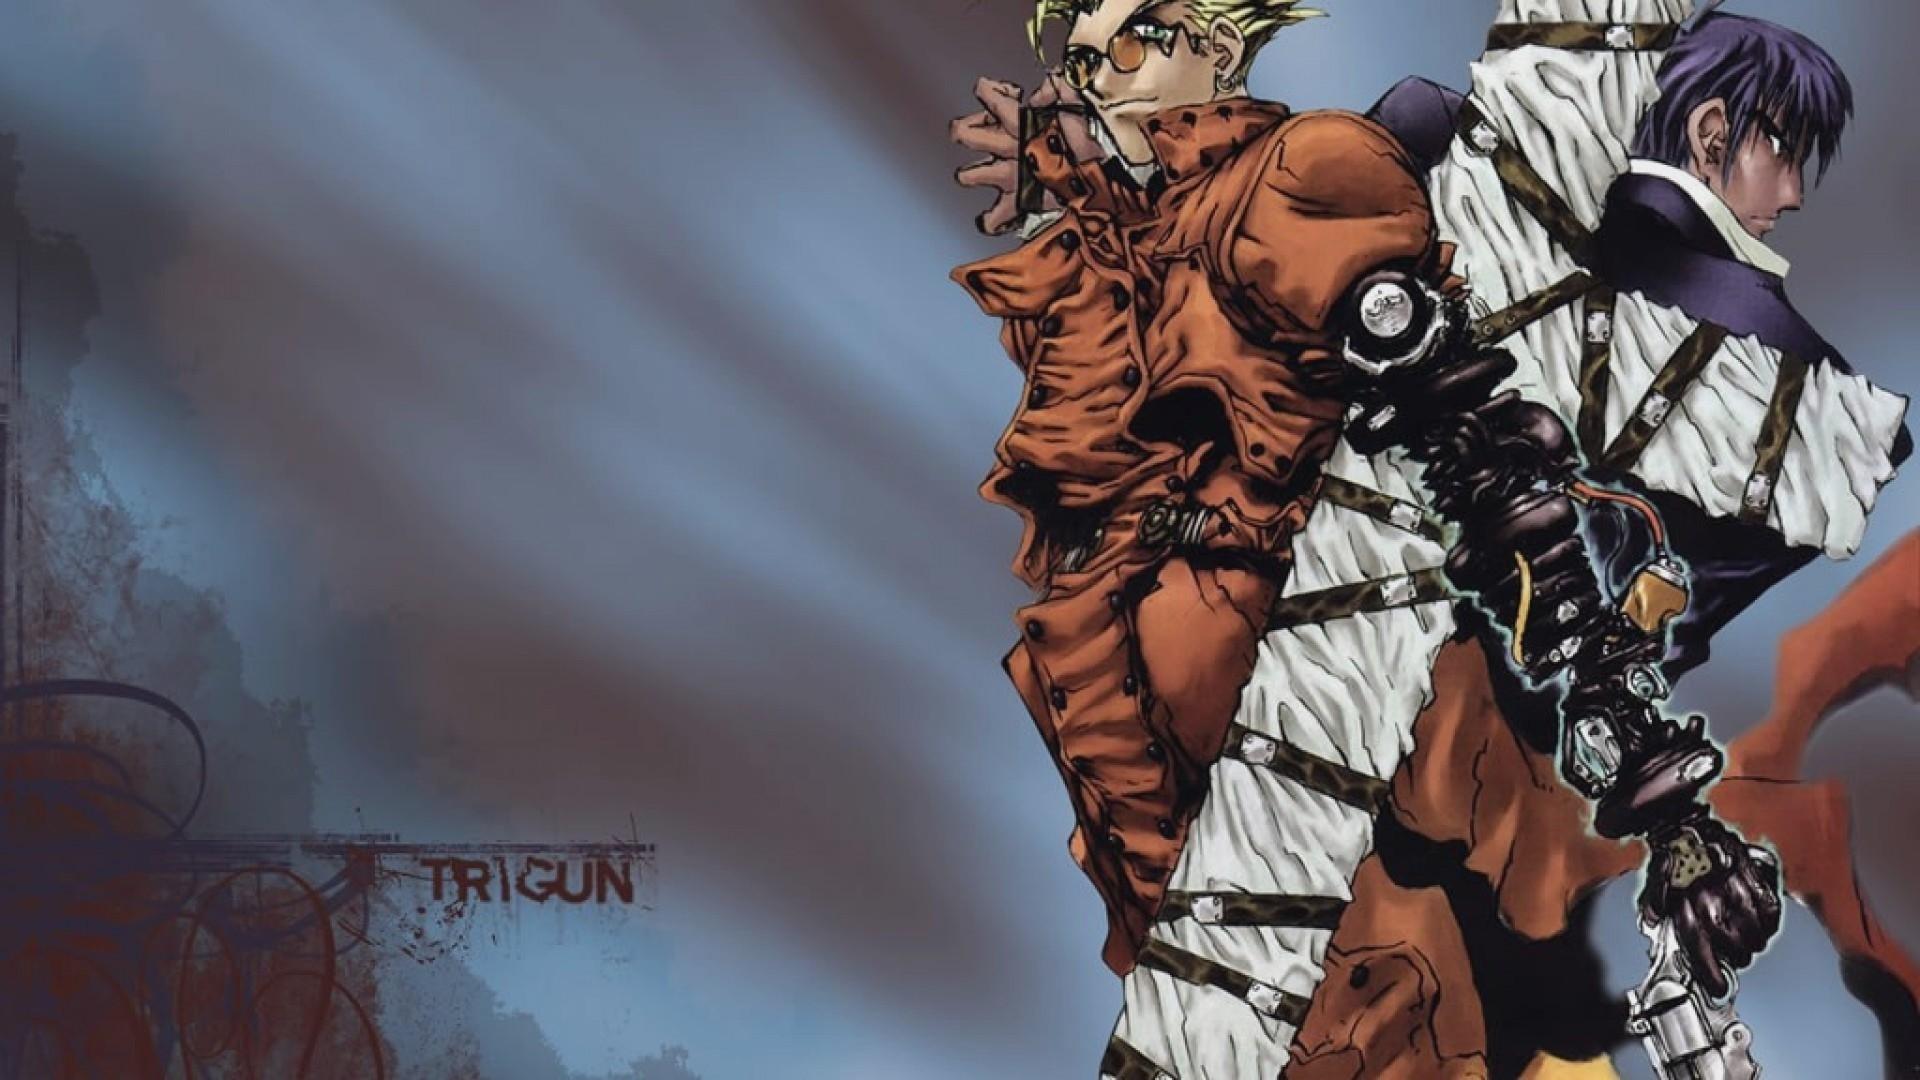 Trigun Wallpaper Image